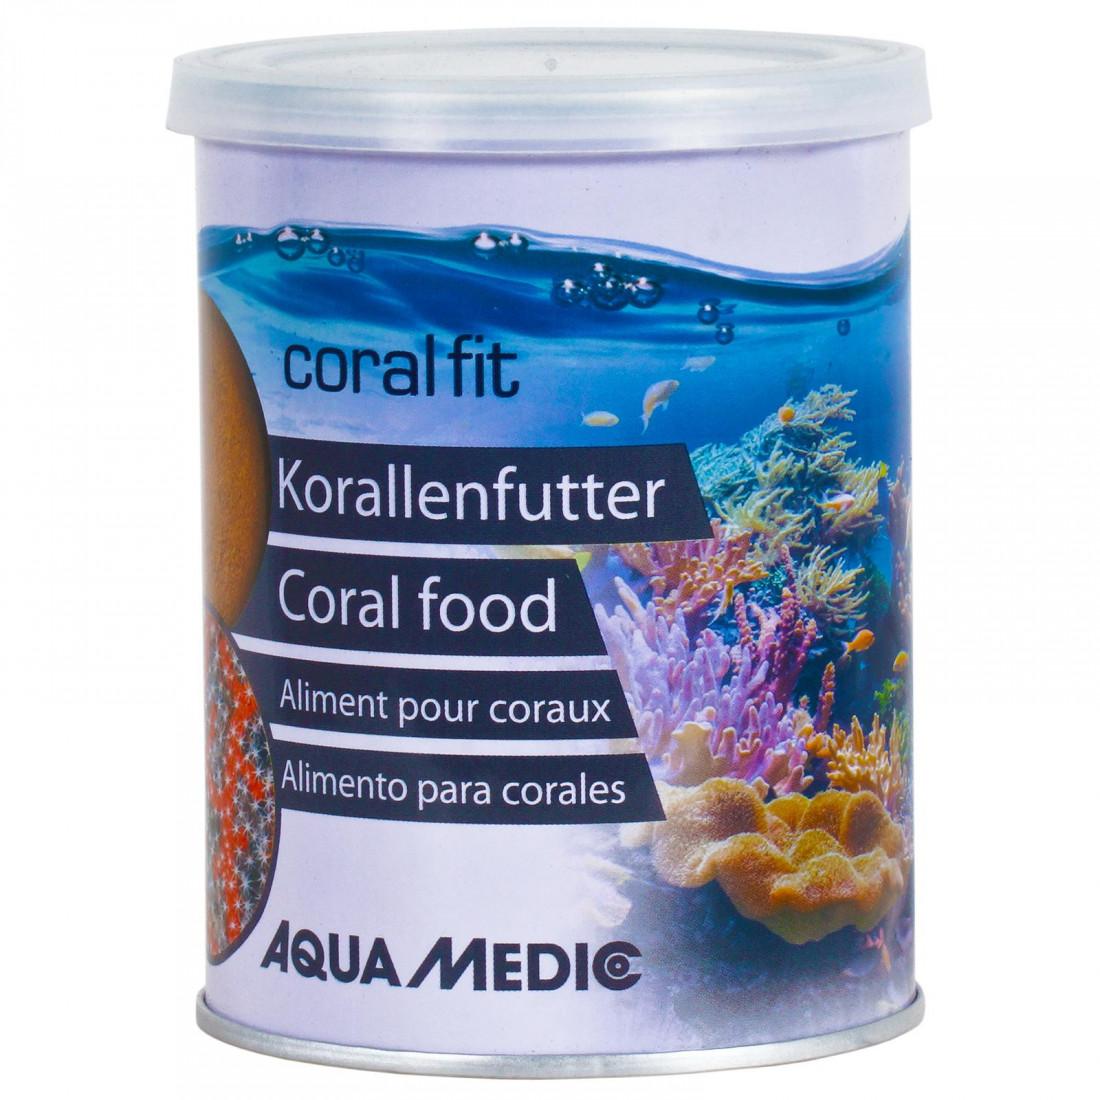 Aqua Medic Coral fit - coral food